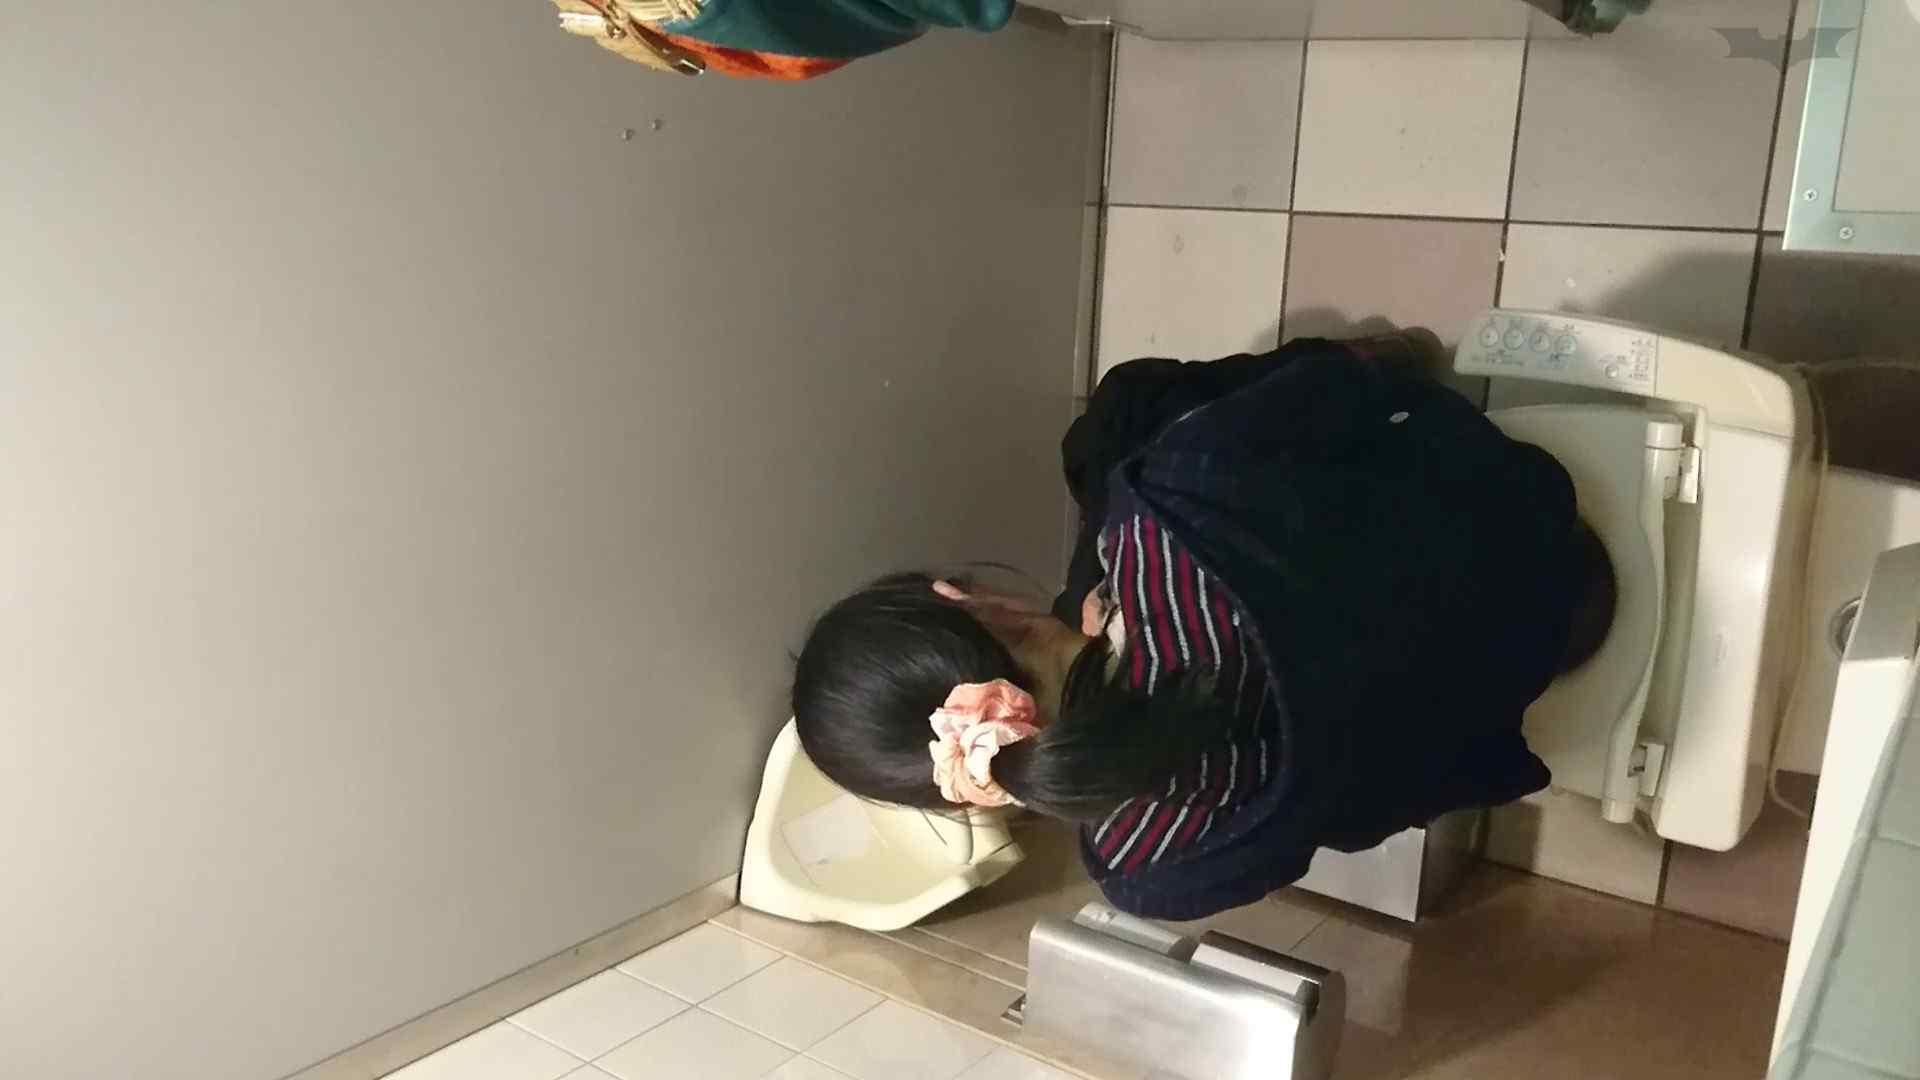 化粧室絵巻 ショッピングモール編 VOL.18 ギャル達 おまんこ動画流出 108枚 47